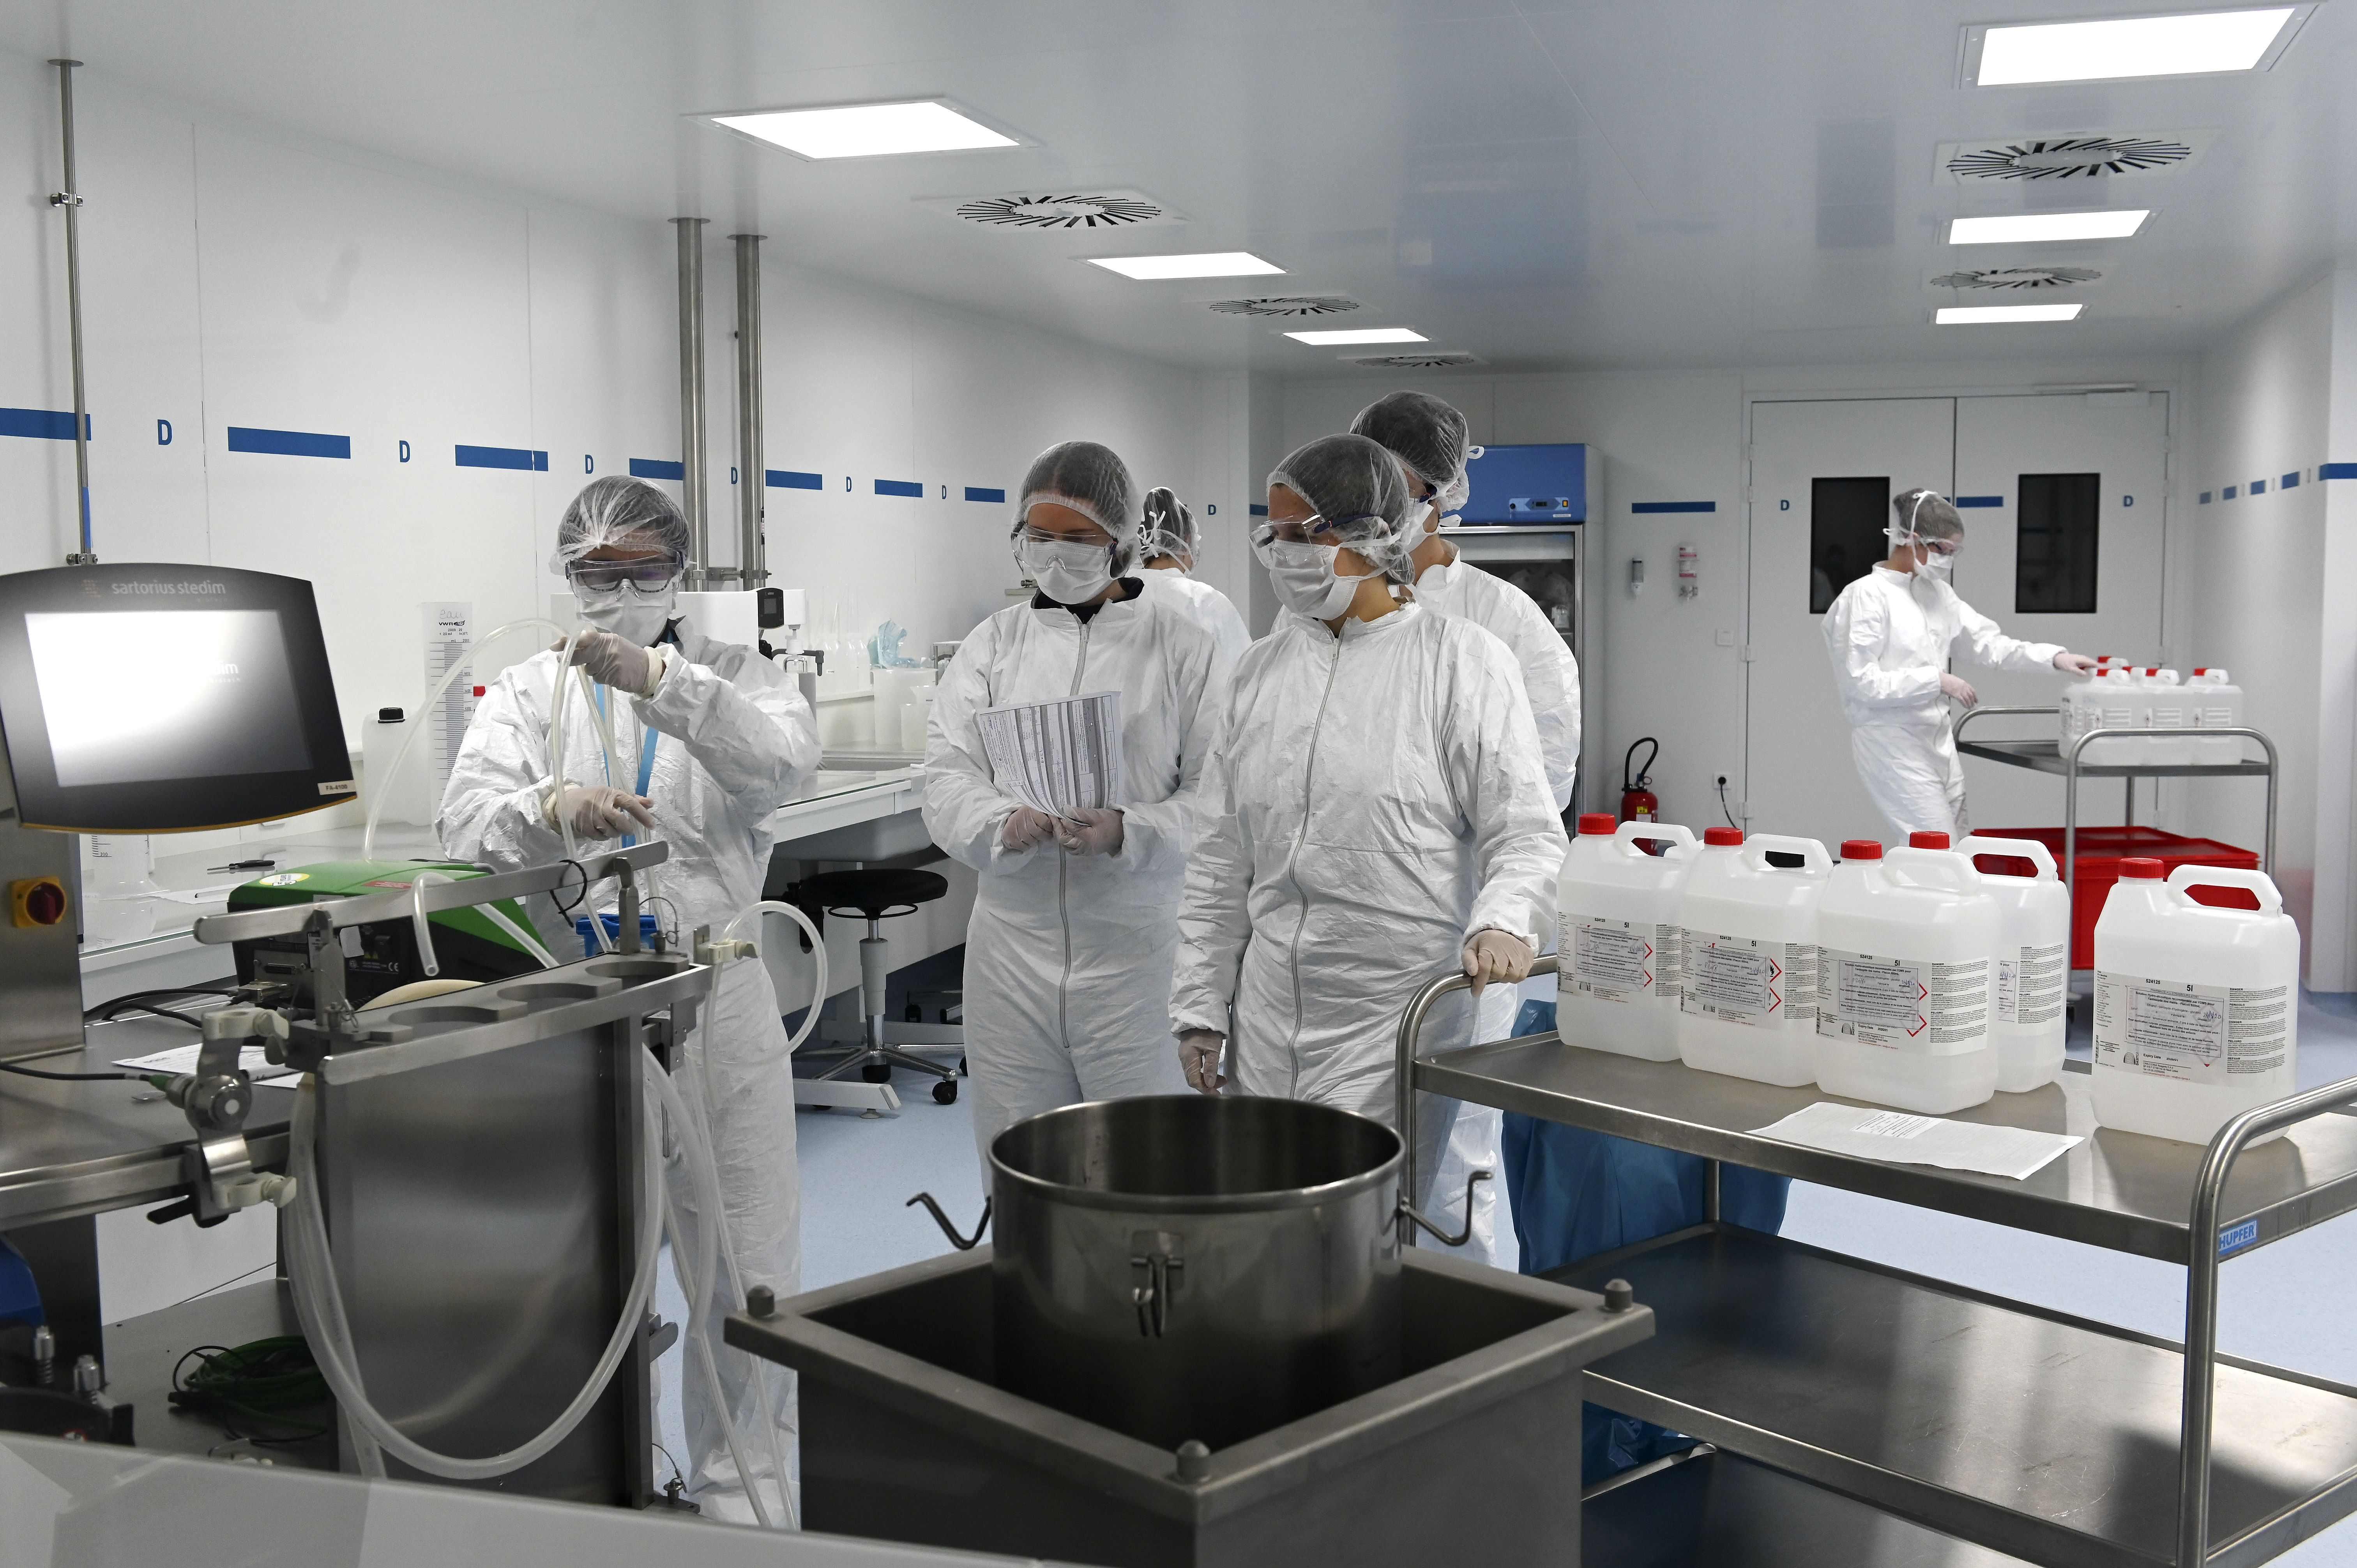 هل تبقى تجارب وباء كورونا محفورة في الذاكرة، أم تزول إذا انحسرت العدوى؟